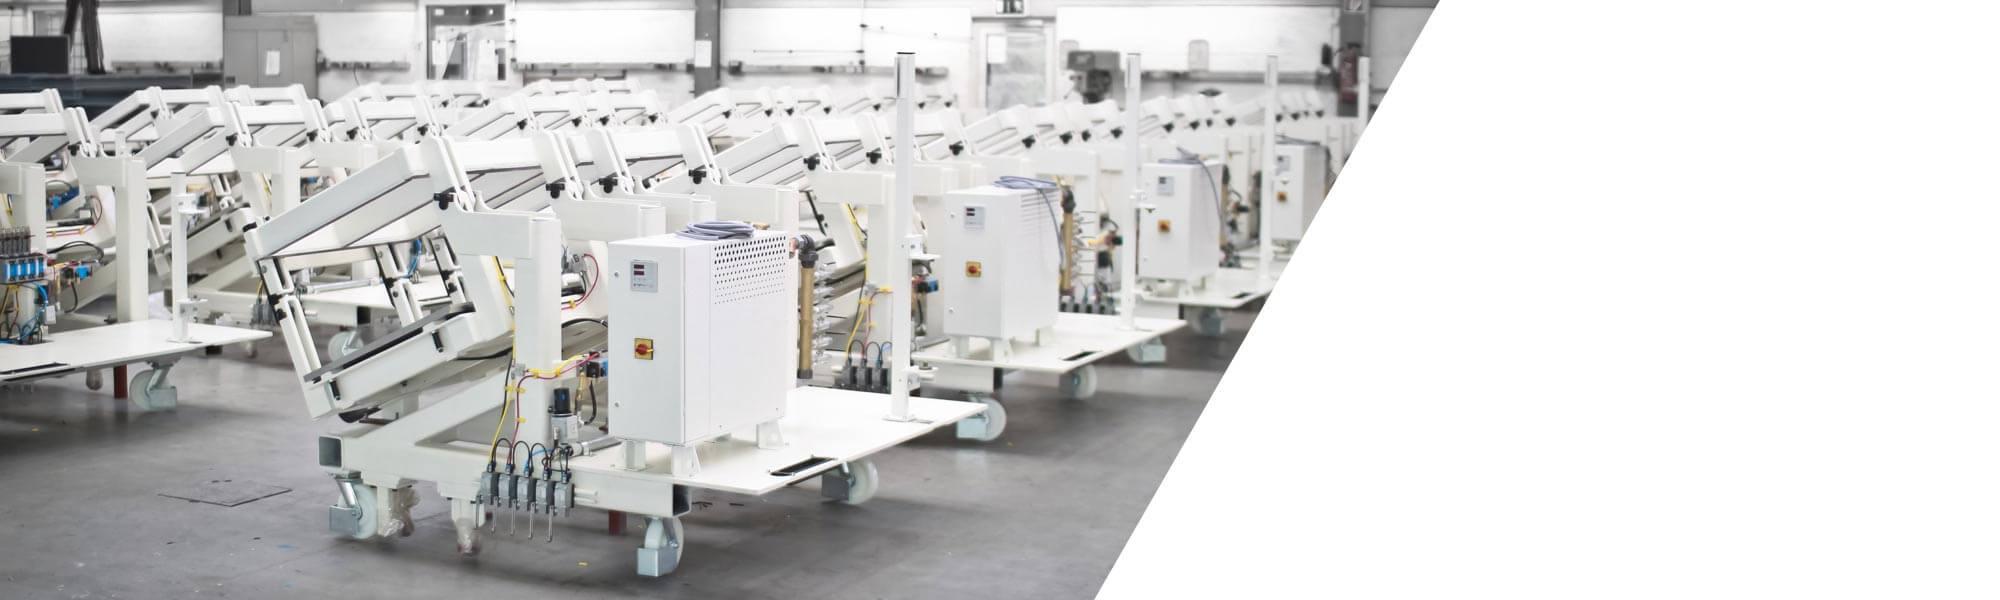 성형 발포 제품의 광범위한 자동화 시리얼 생산 용 모듈라 시스템